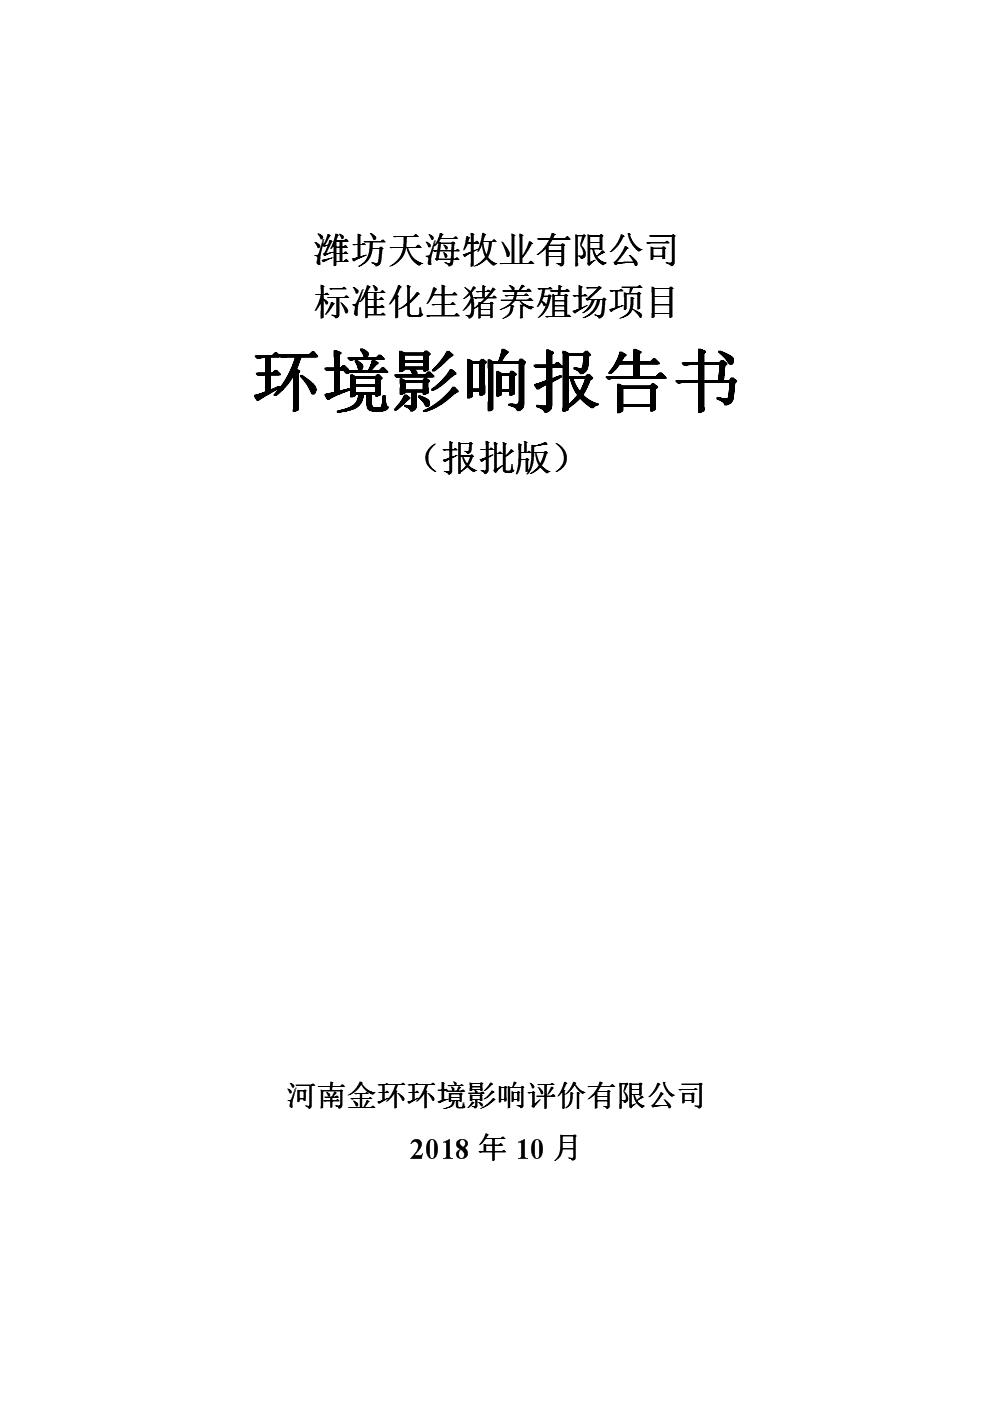 潍坊天海牧业有限公司标准化生猪养殖场项目环境影响报告表.doc